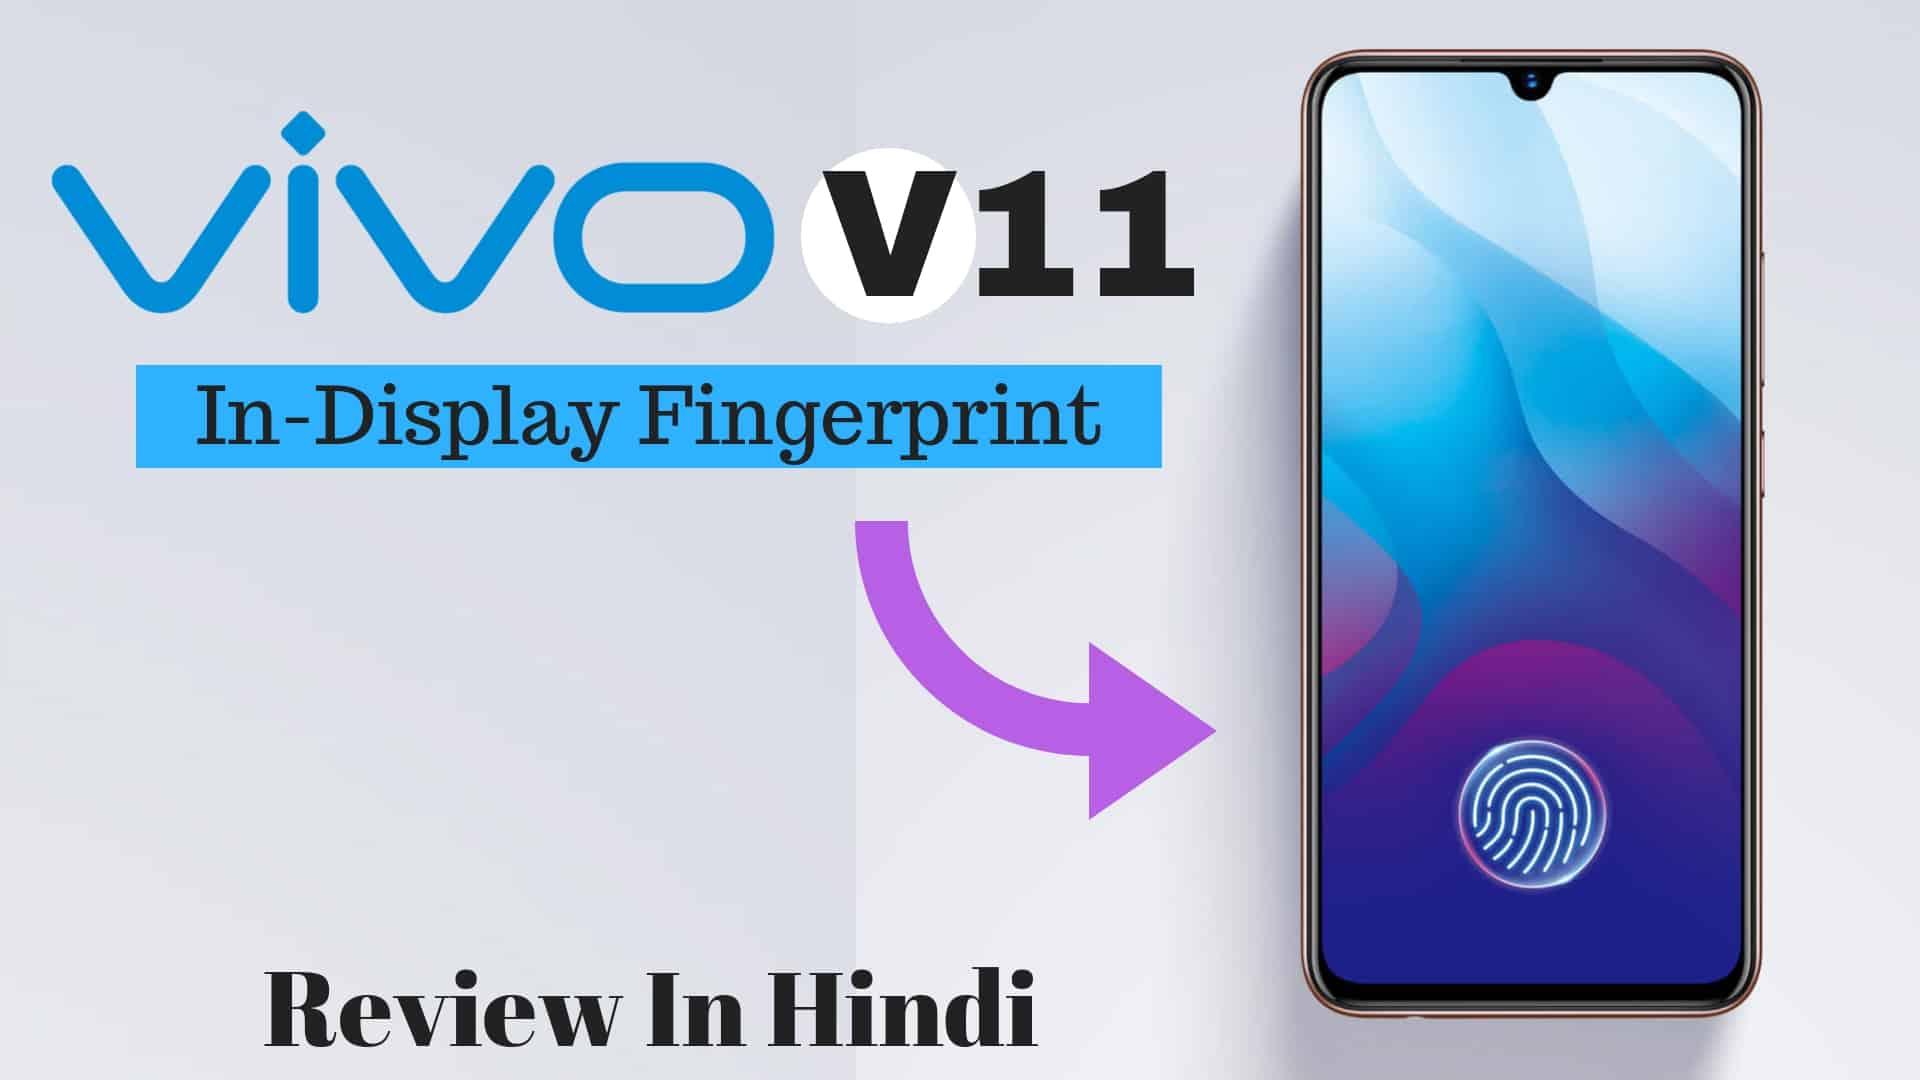 Vivo V11 Phone Review In Hindi | सबसे कम रुपये में सबसे बेस्ट फ़ोन?